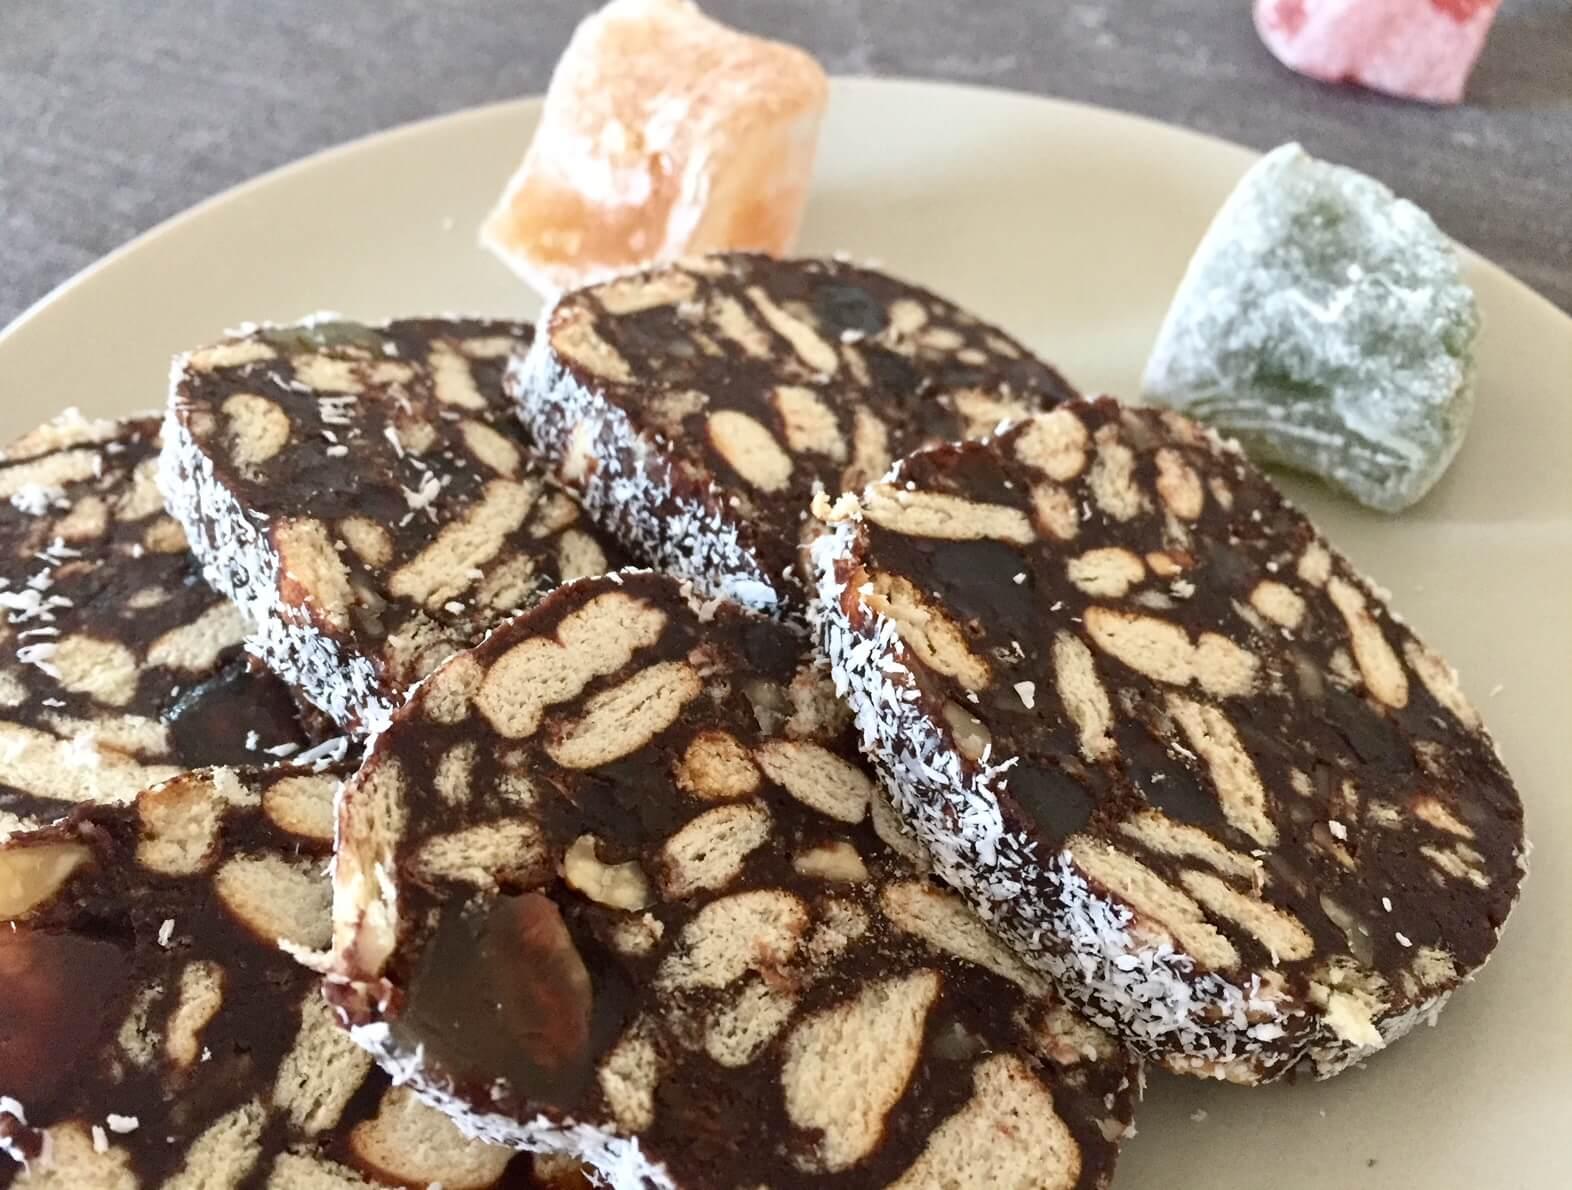 Salam de biscuiți cu nucă, rahat și stafide